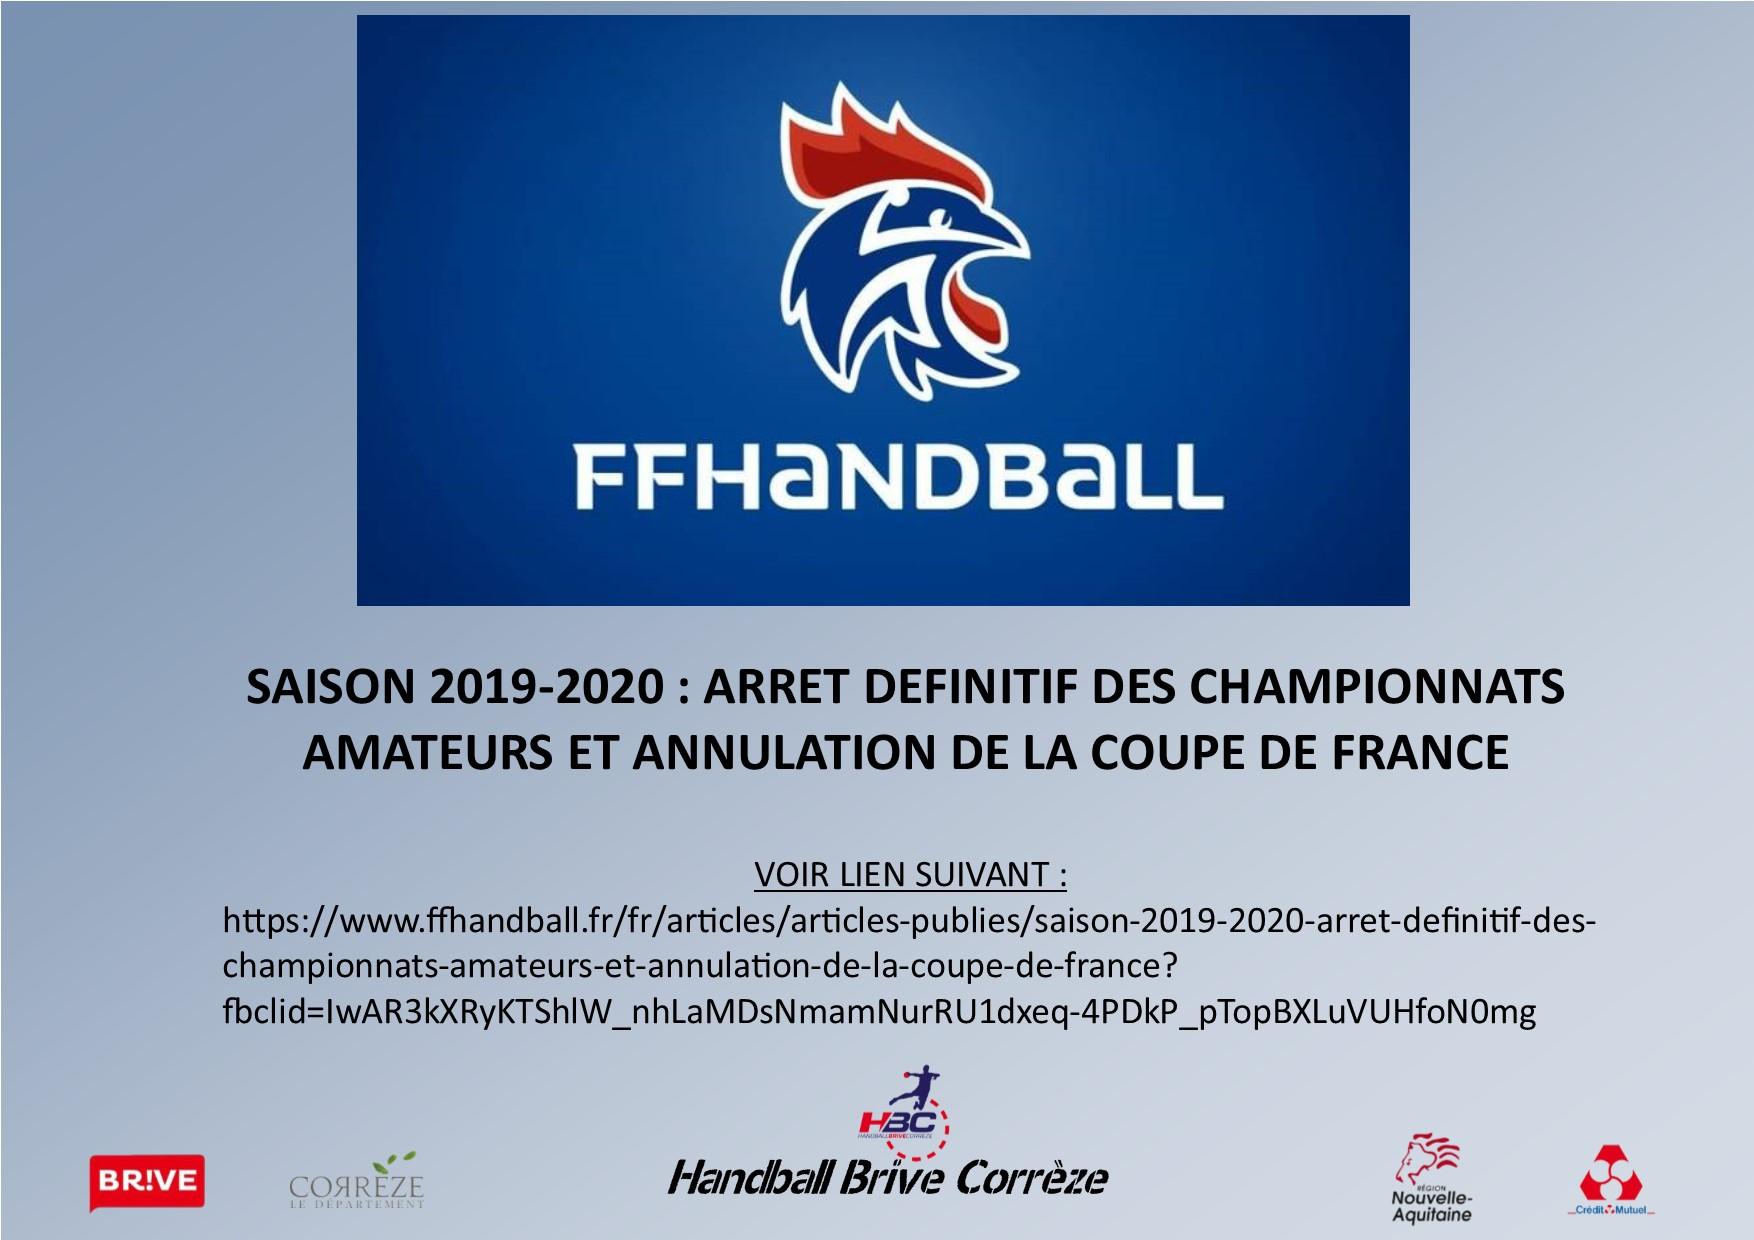 SAISON 2019-2020 : ARRET DEFINITIF DES CHAMPIONNATS AMATEURS ET ANNULATION DE LA COUPE DE FRANCE